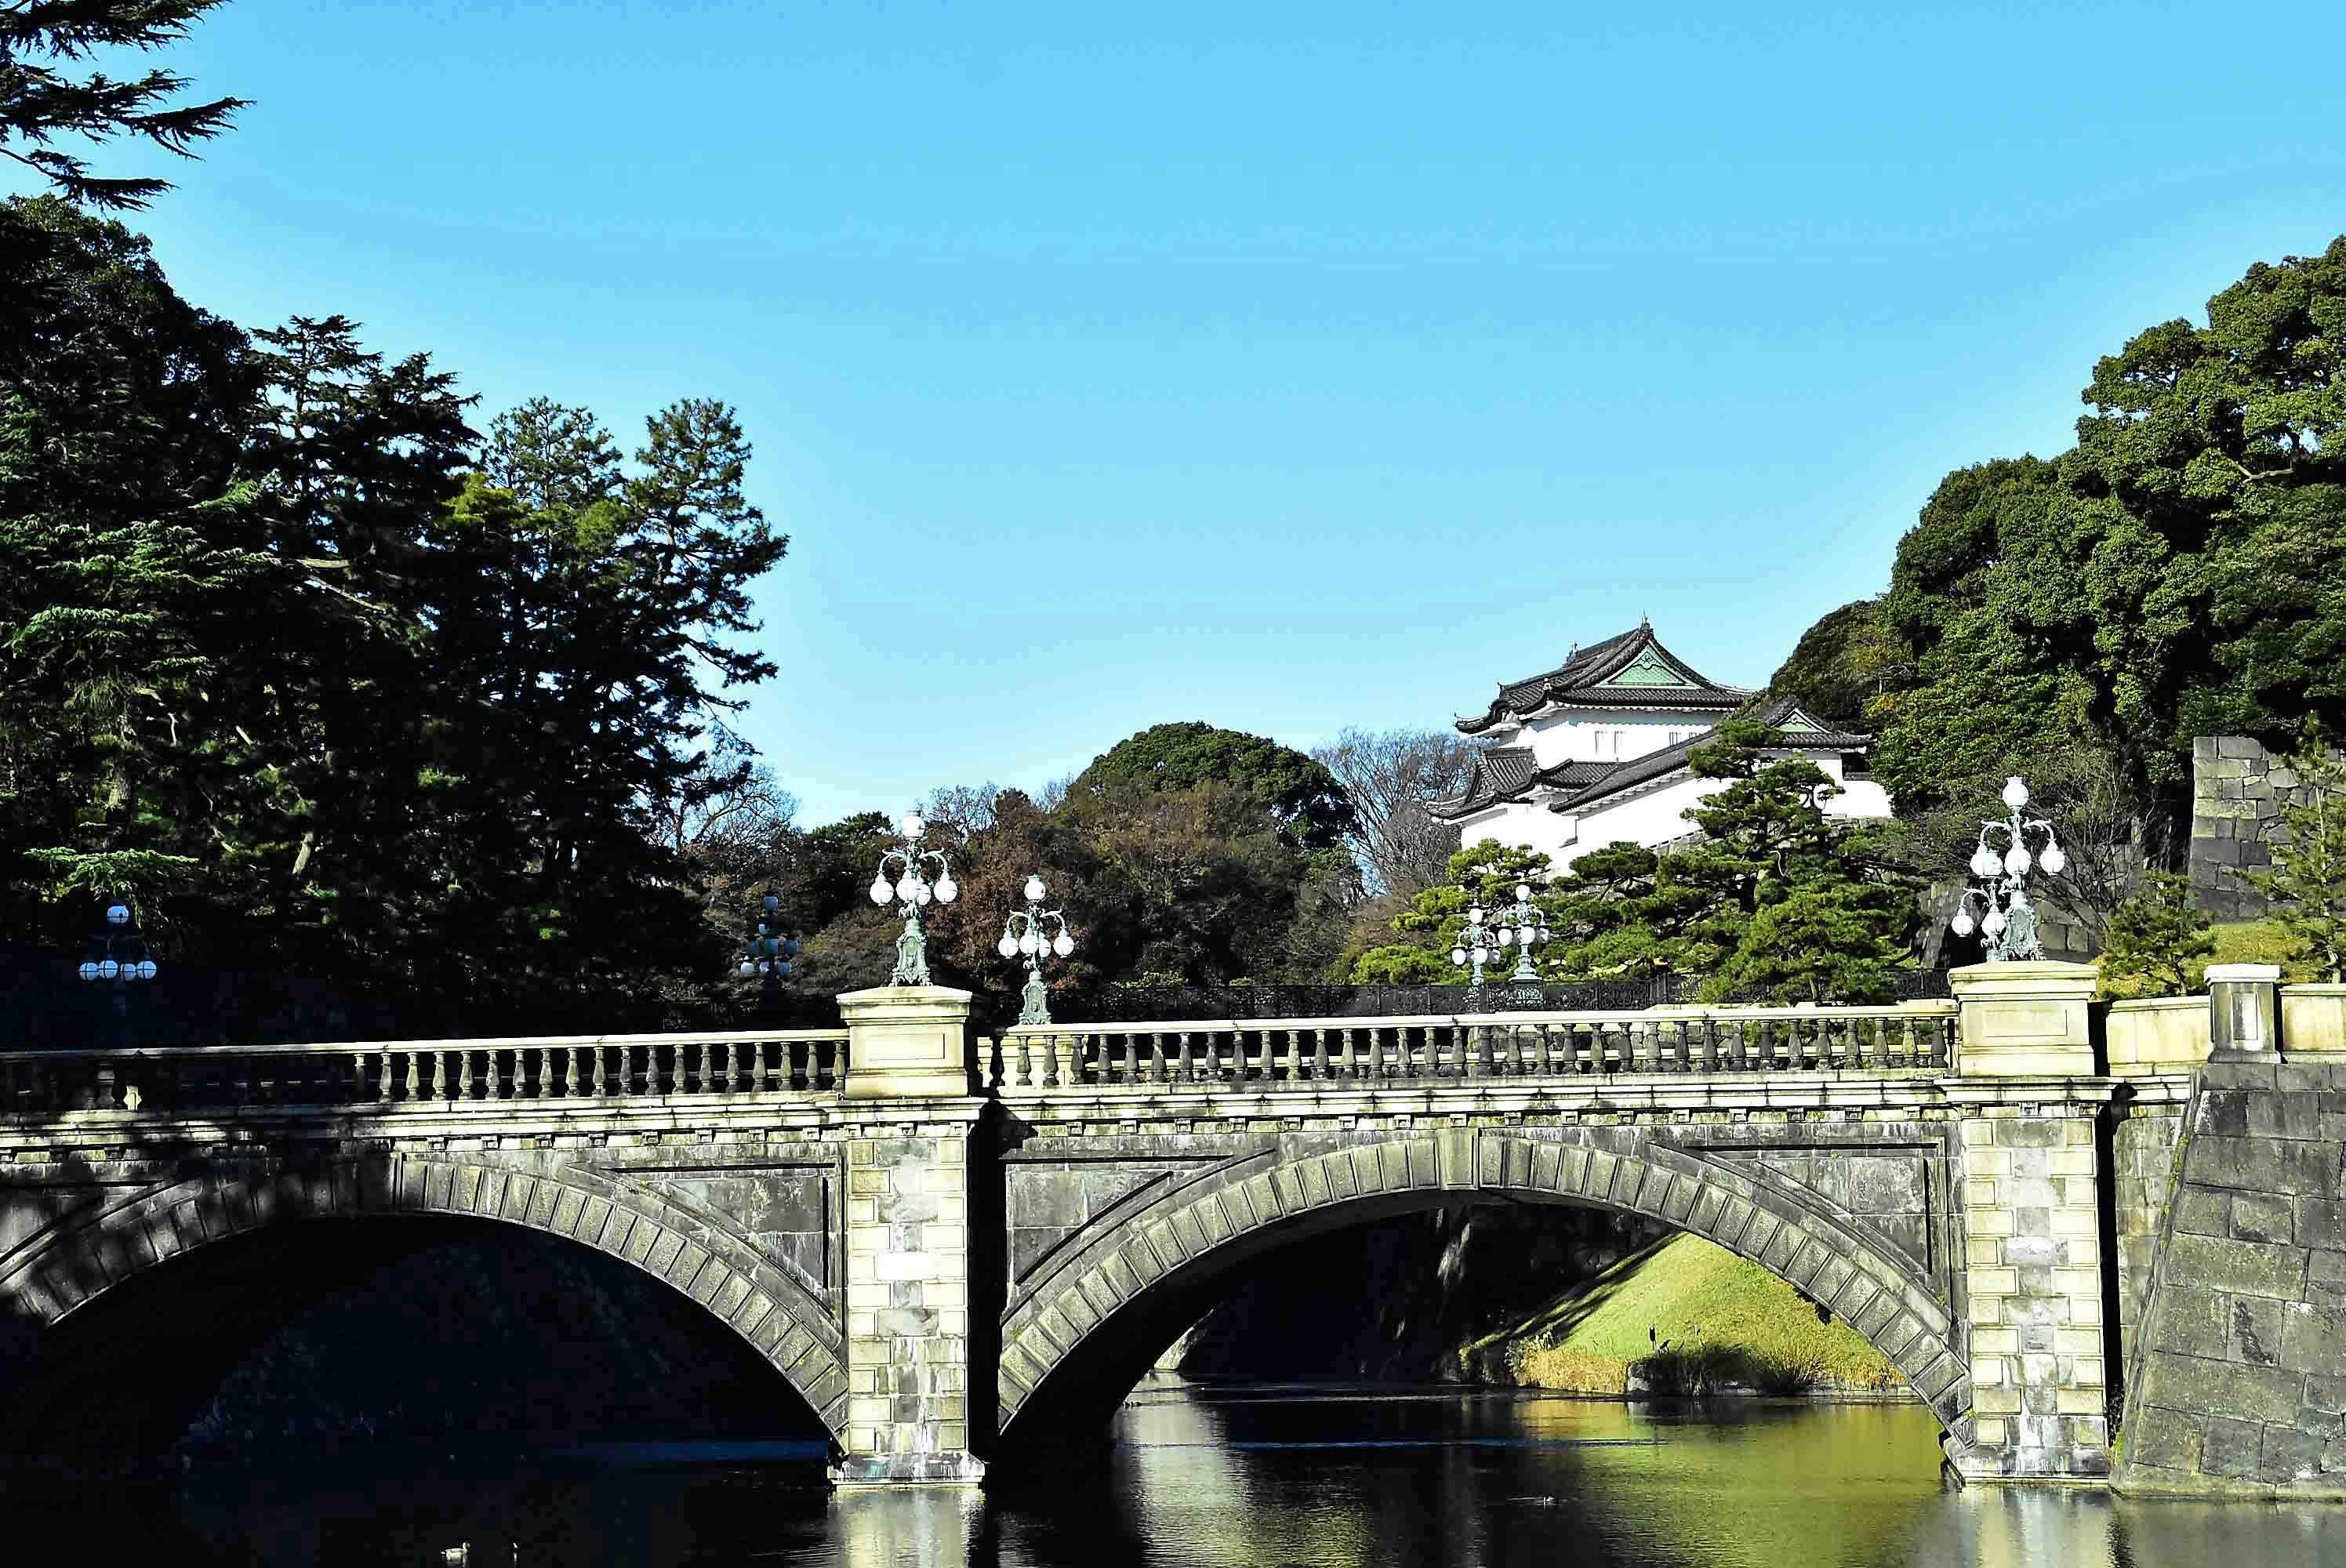 正門石橋と正門鉄橋 奥に伏見櫓